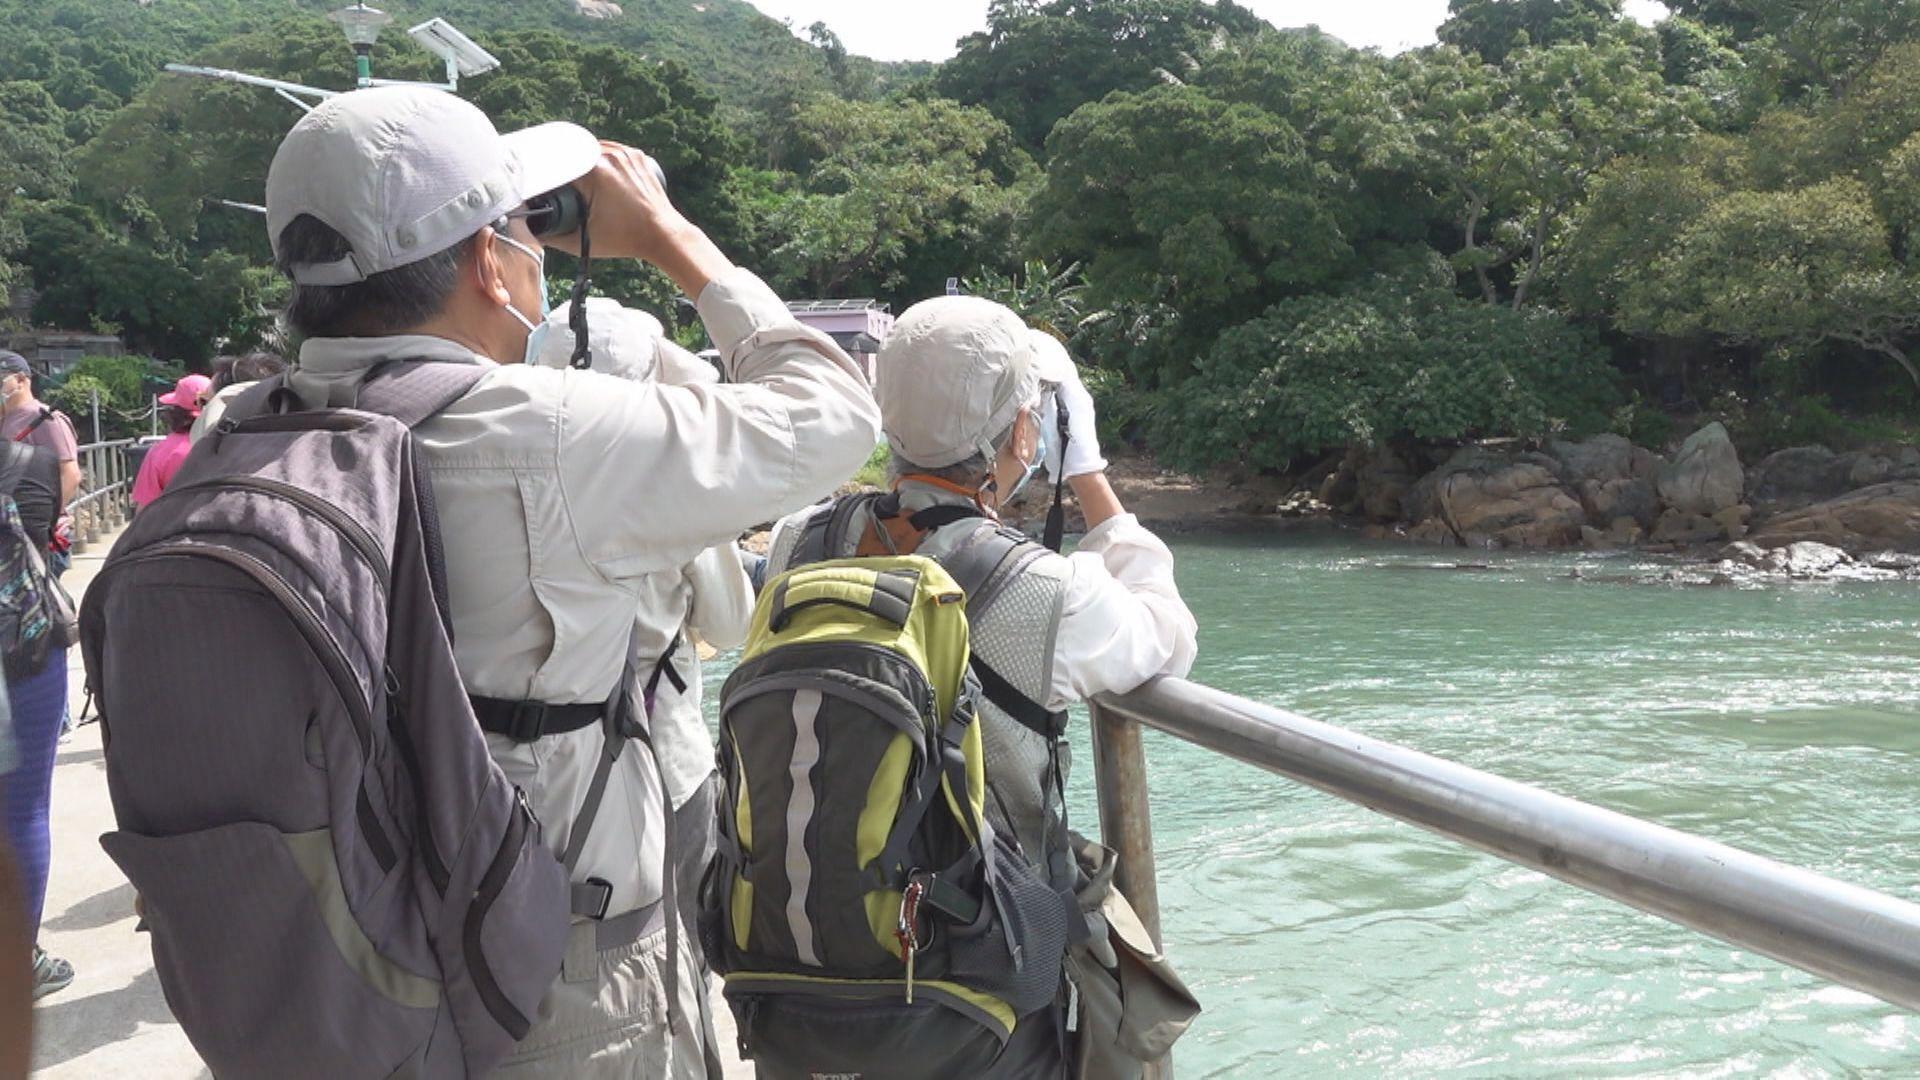 去年訪港旅客插水式跌近94%